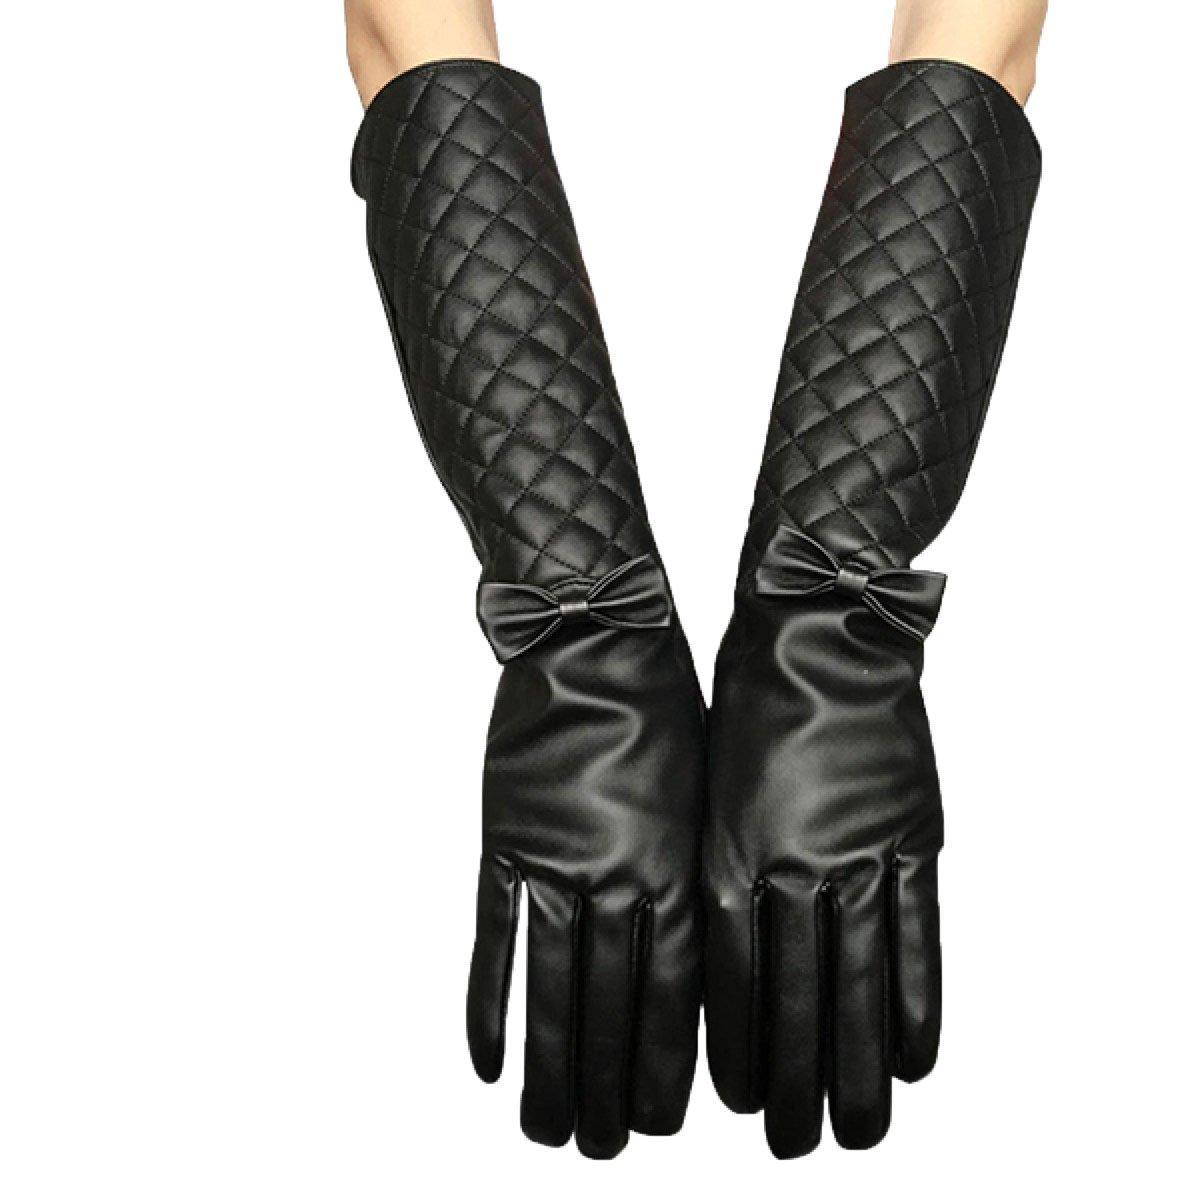 GBT Mangas medias largas cálidas femeninas Tubo largo lindo alargadas Era delgado Guantes largos del codo del brazo,Negro,Un tamaño